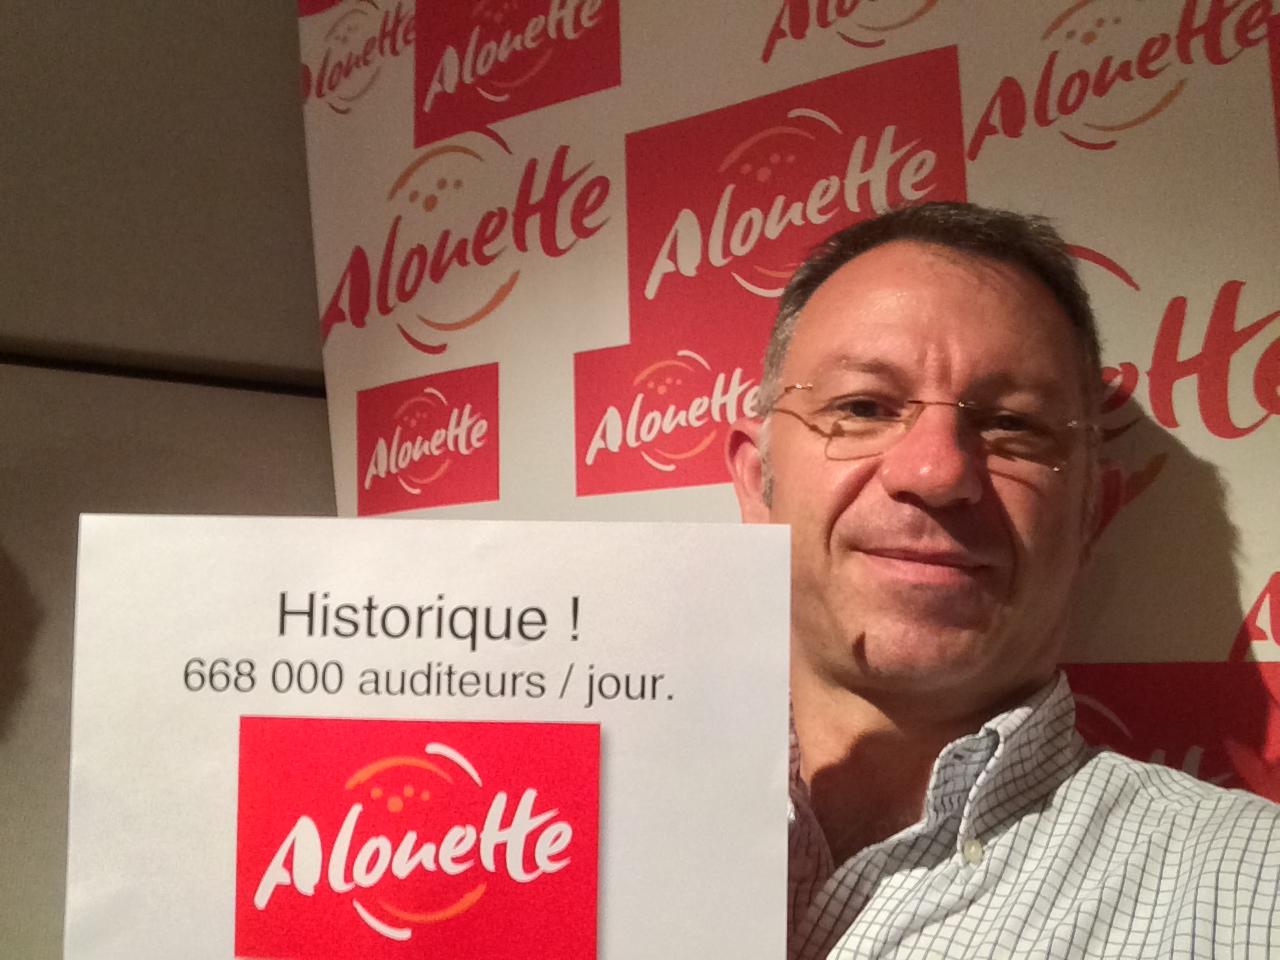 Il n'en revient pas lui-même: Sébastien Lebois est l'heureux directeur des programmes d'une radio qui fracasse tous les records.